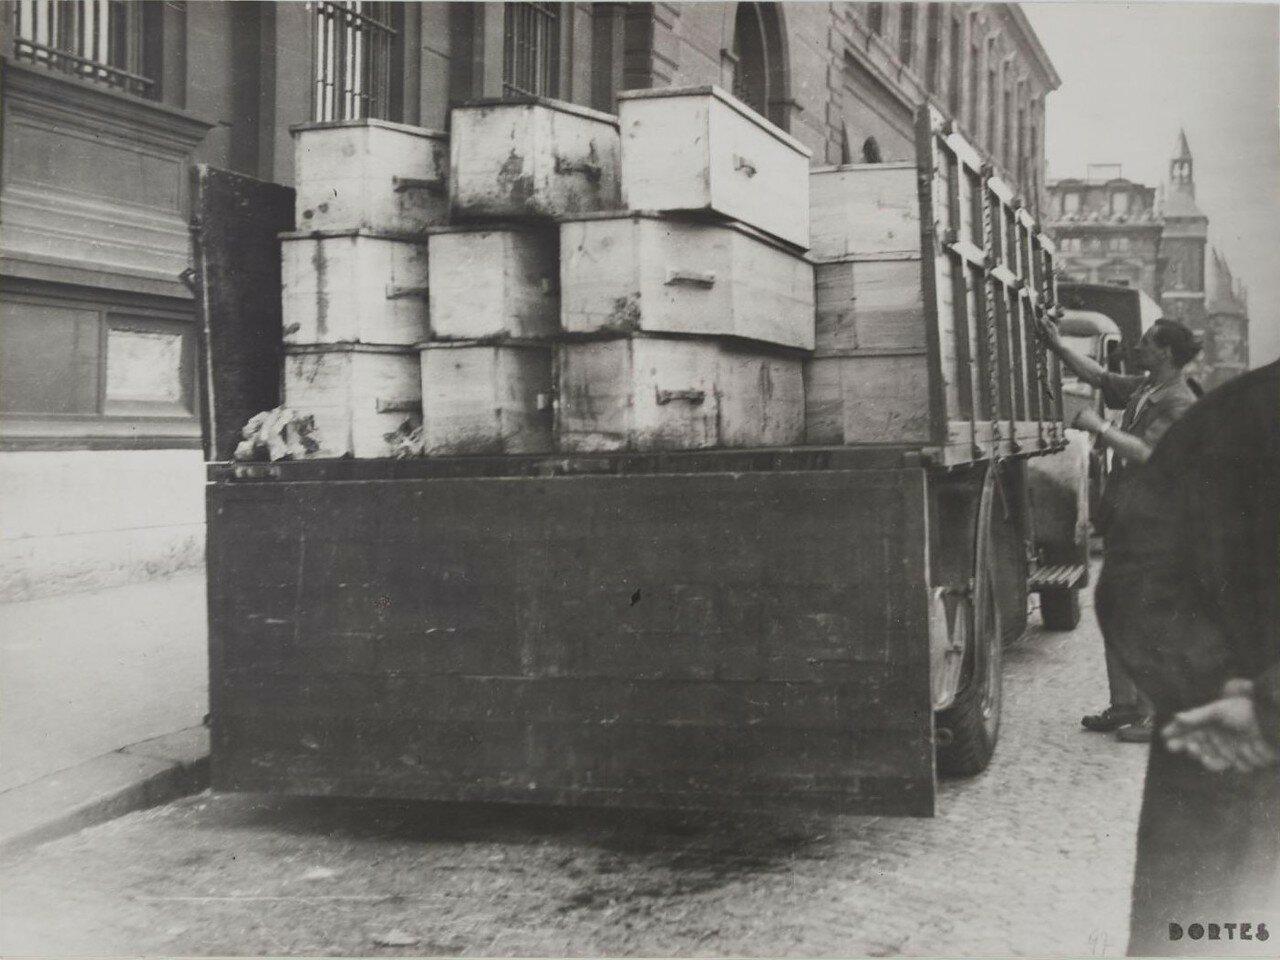 25 августа. Грузовик, перевозивший гробы в больницу Отель Дье, 25